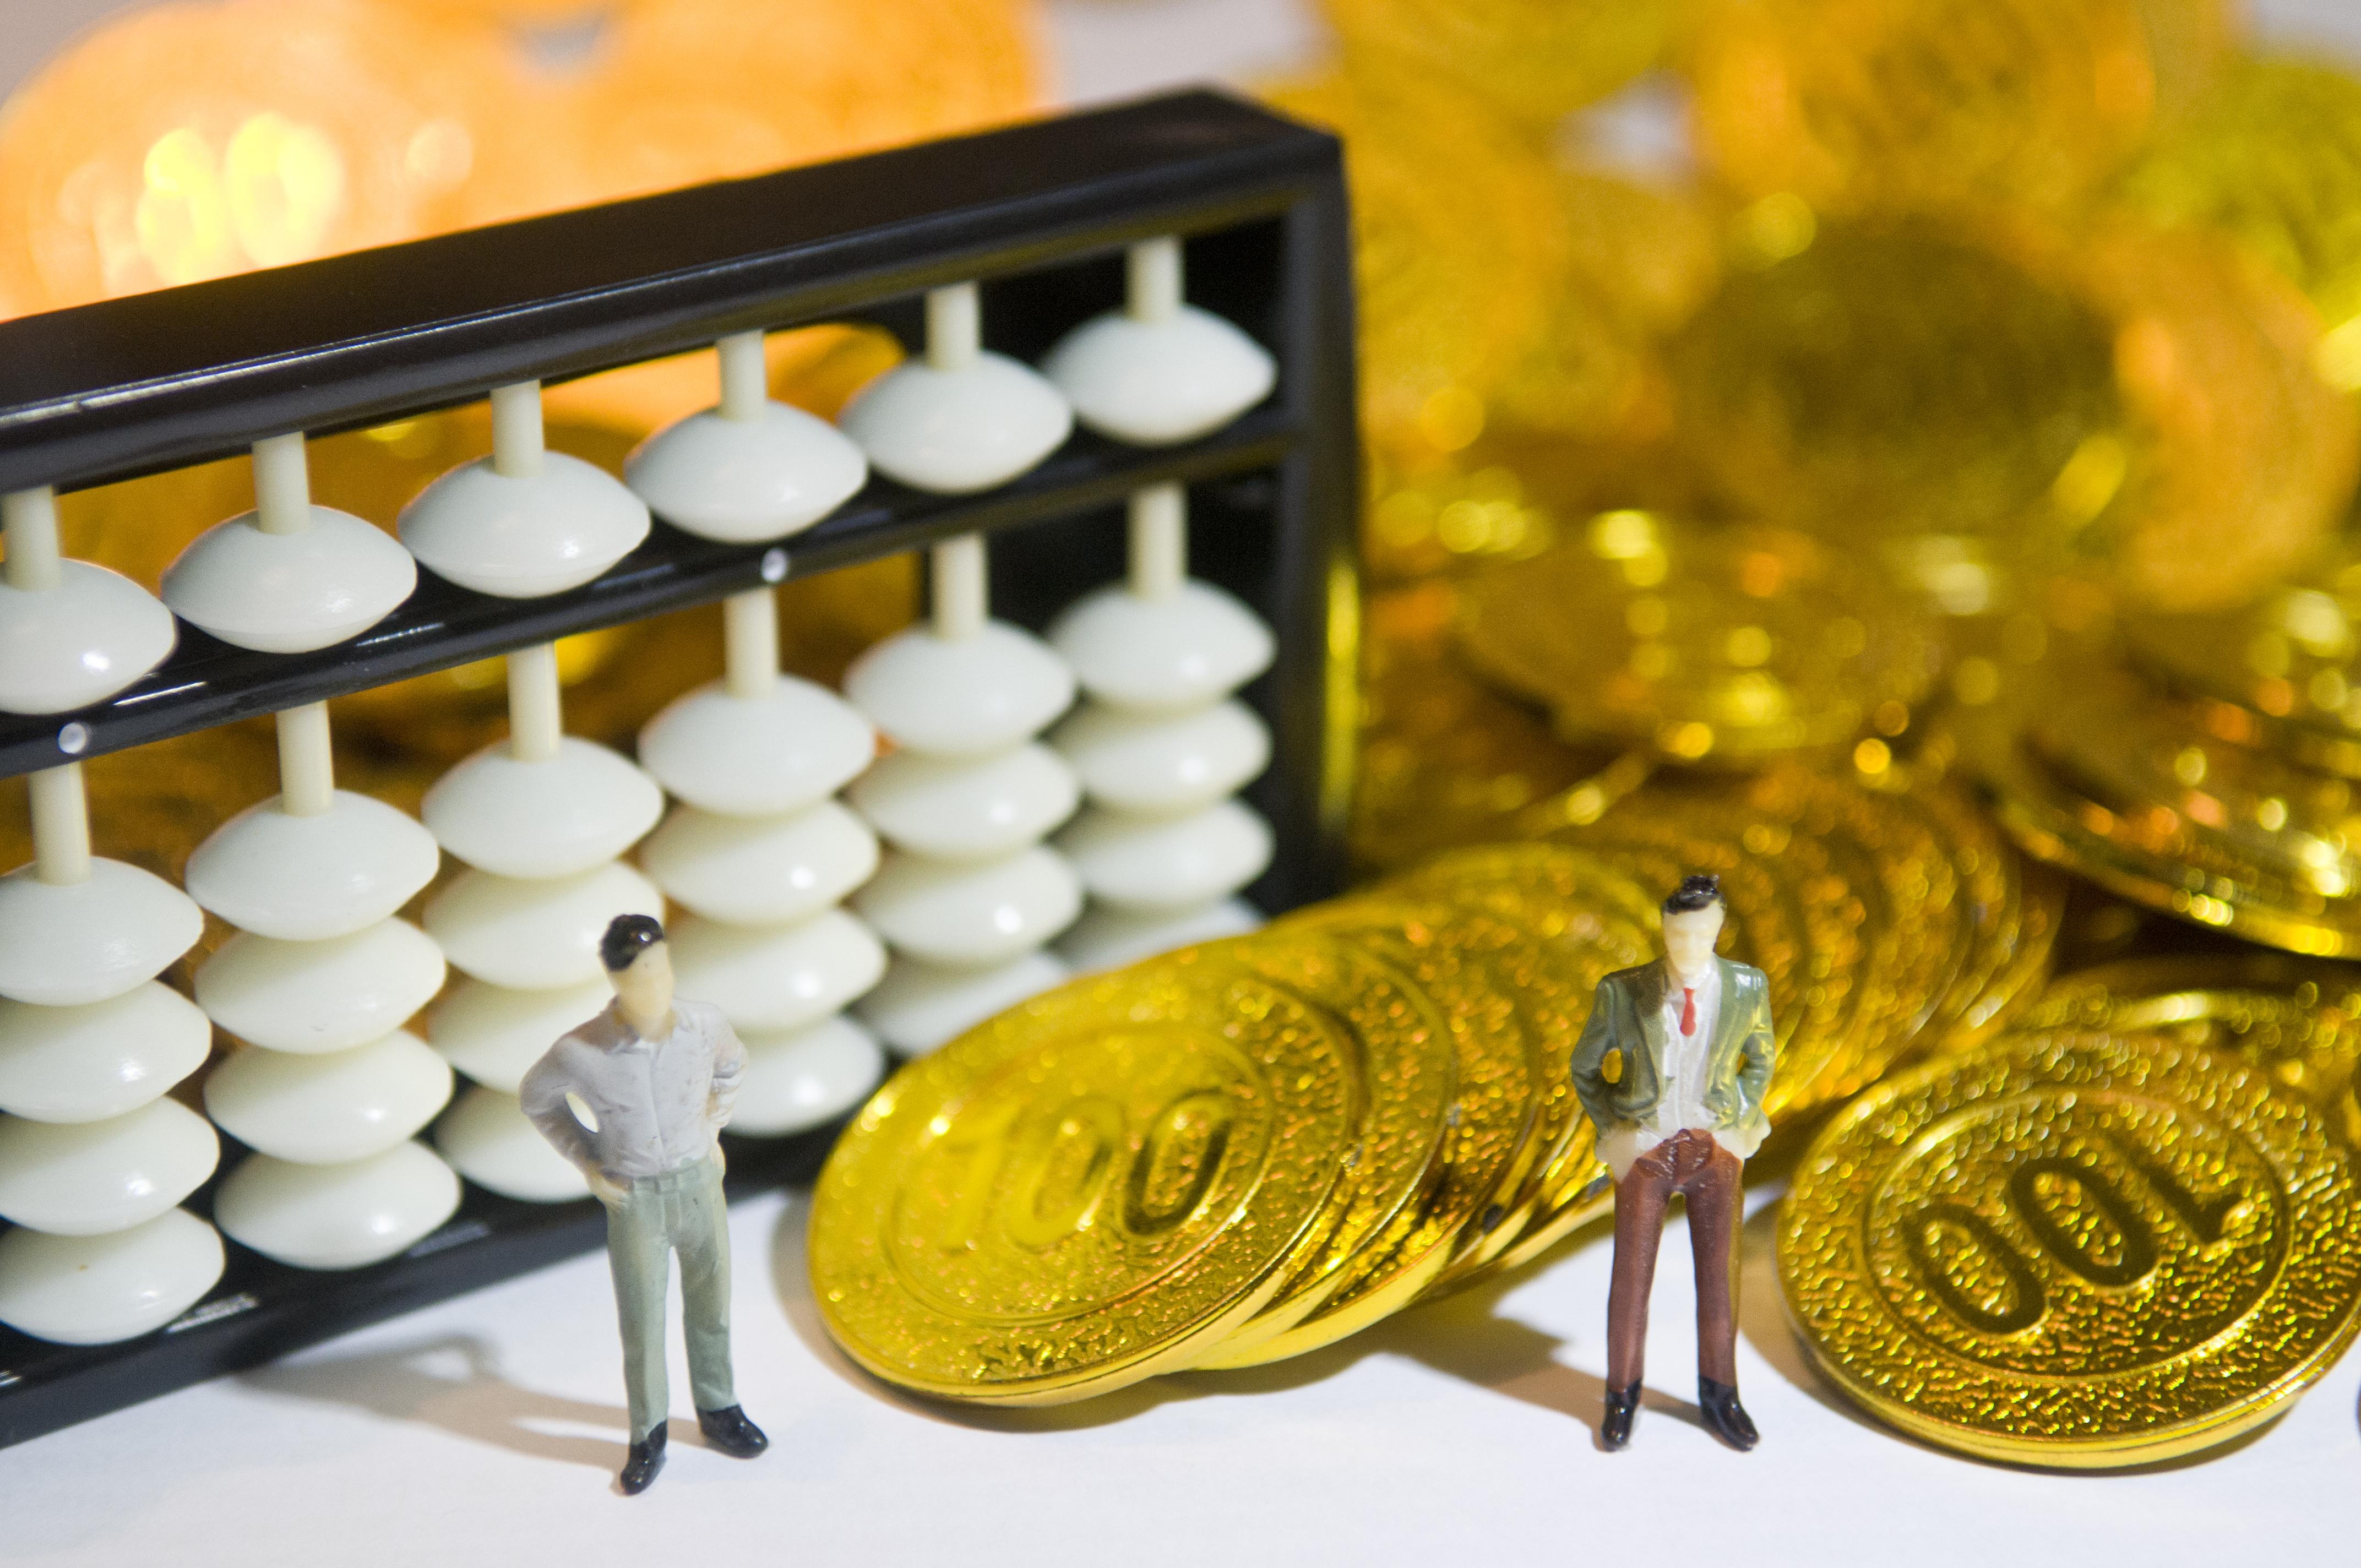 21股资金大幅撤离,4家机构出逃视觉中国